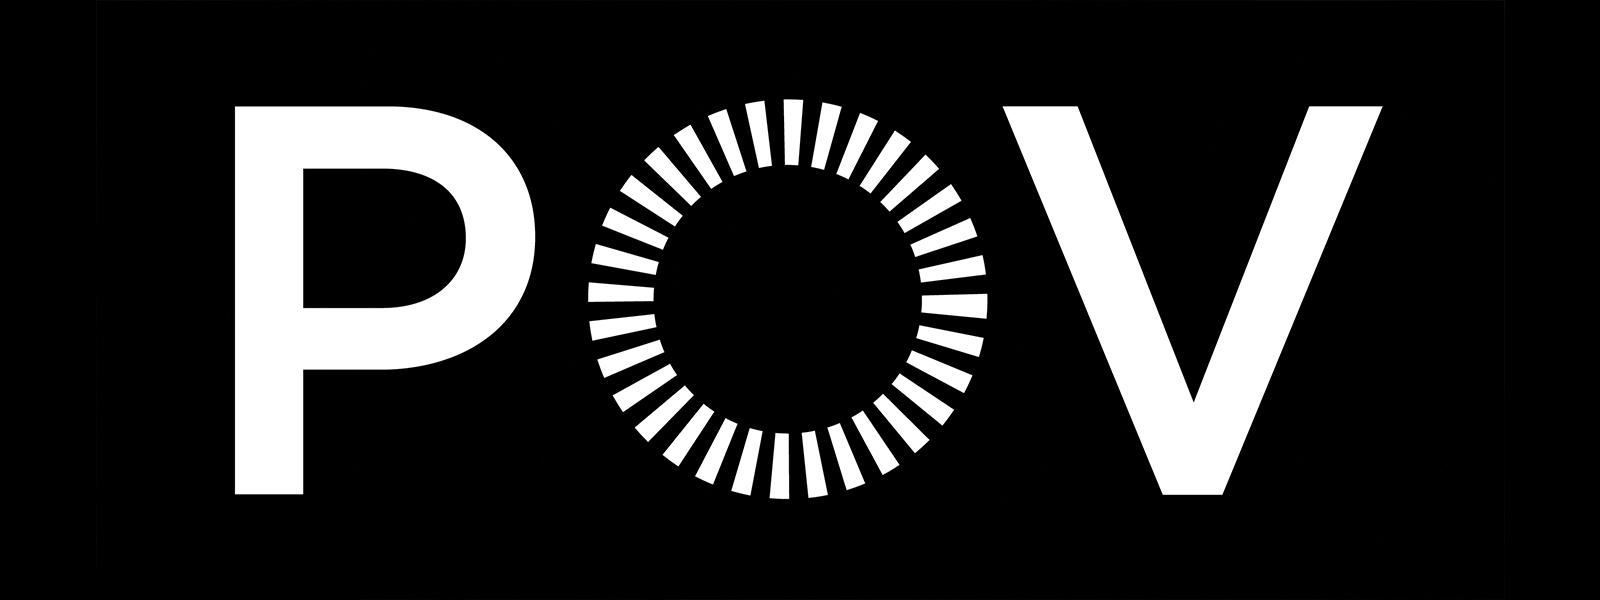 POV Call for Entries